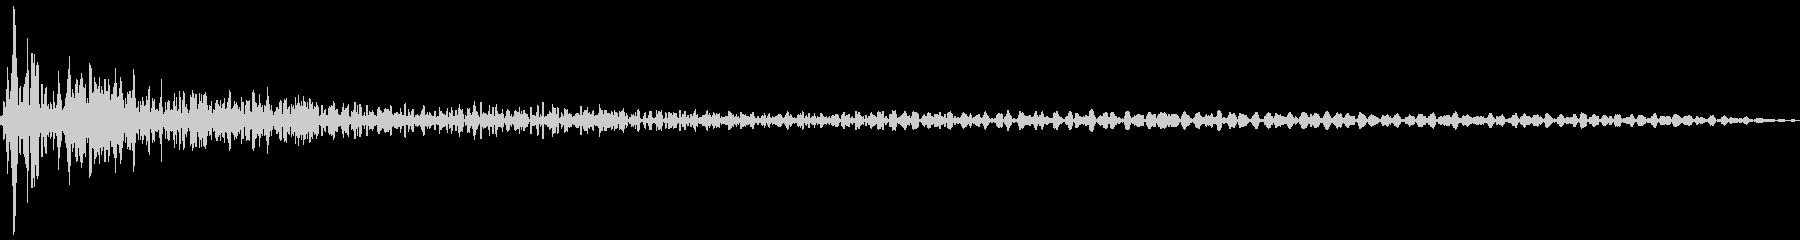 床を打つ音(残響多め)(ダダン)の未再生の波形